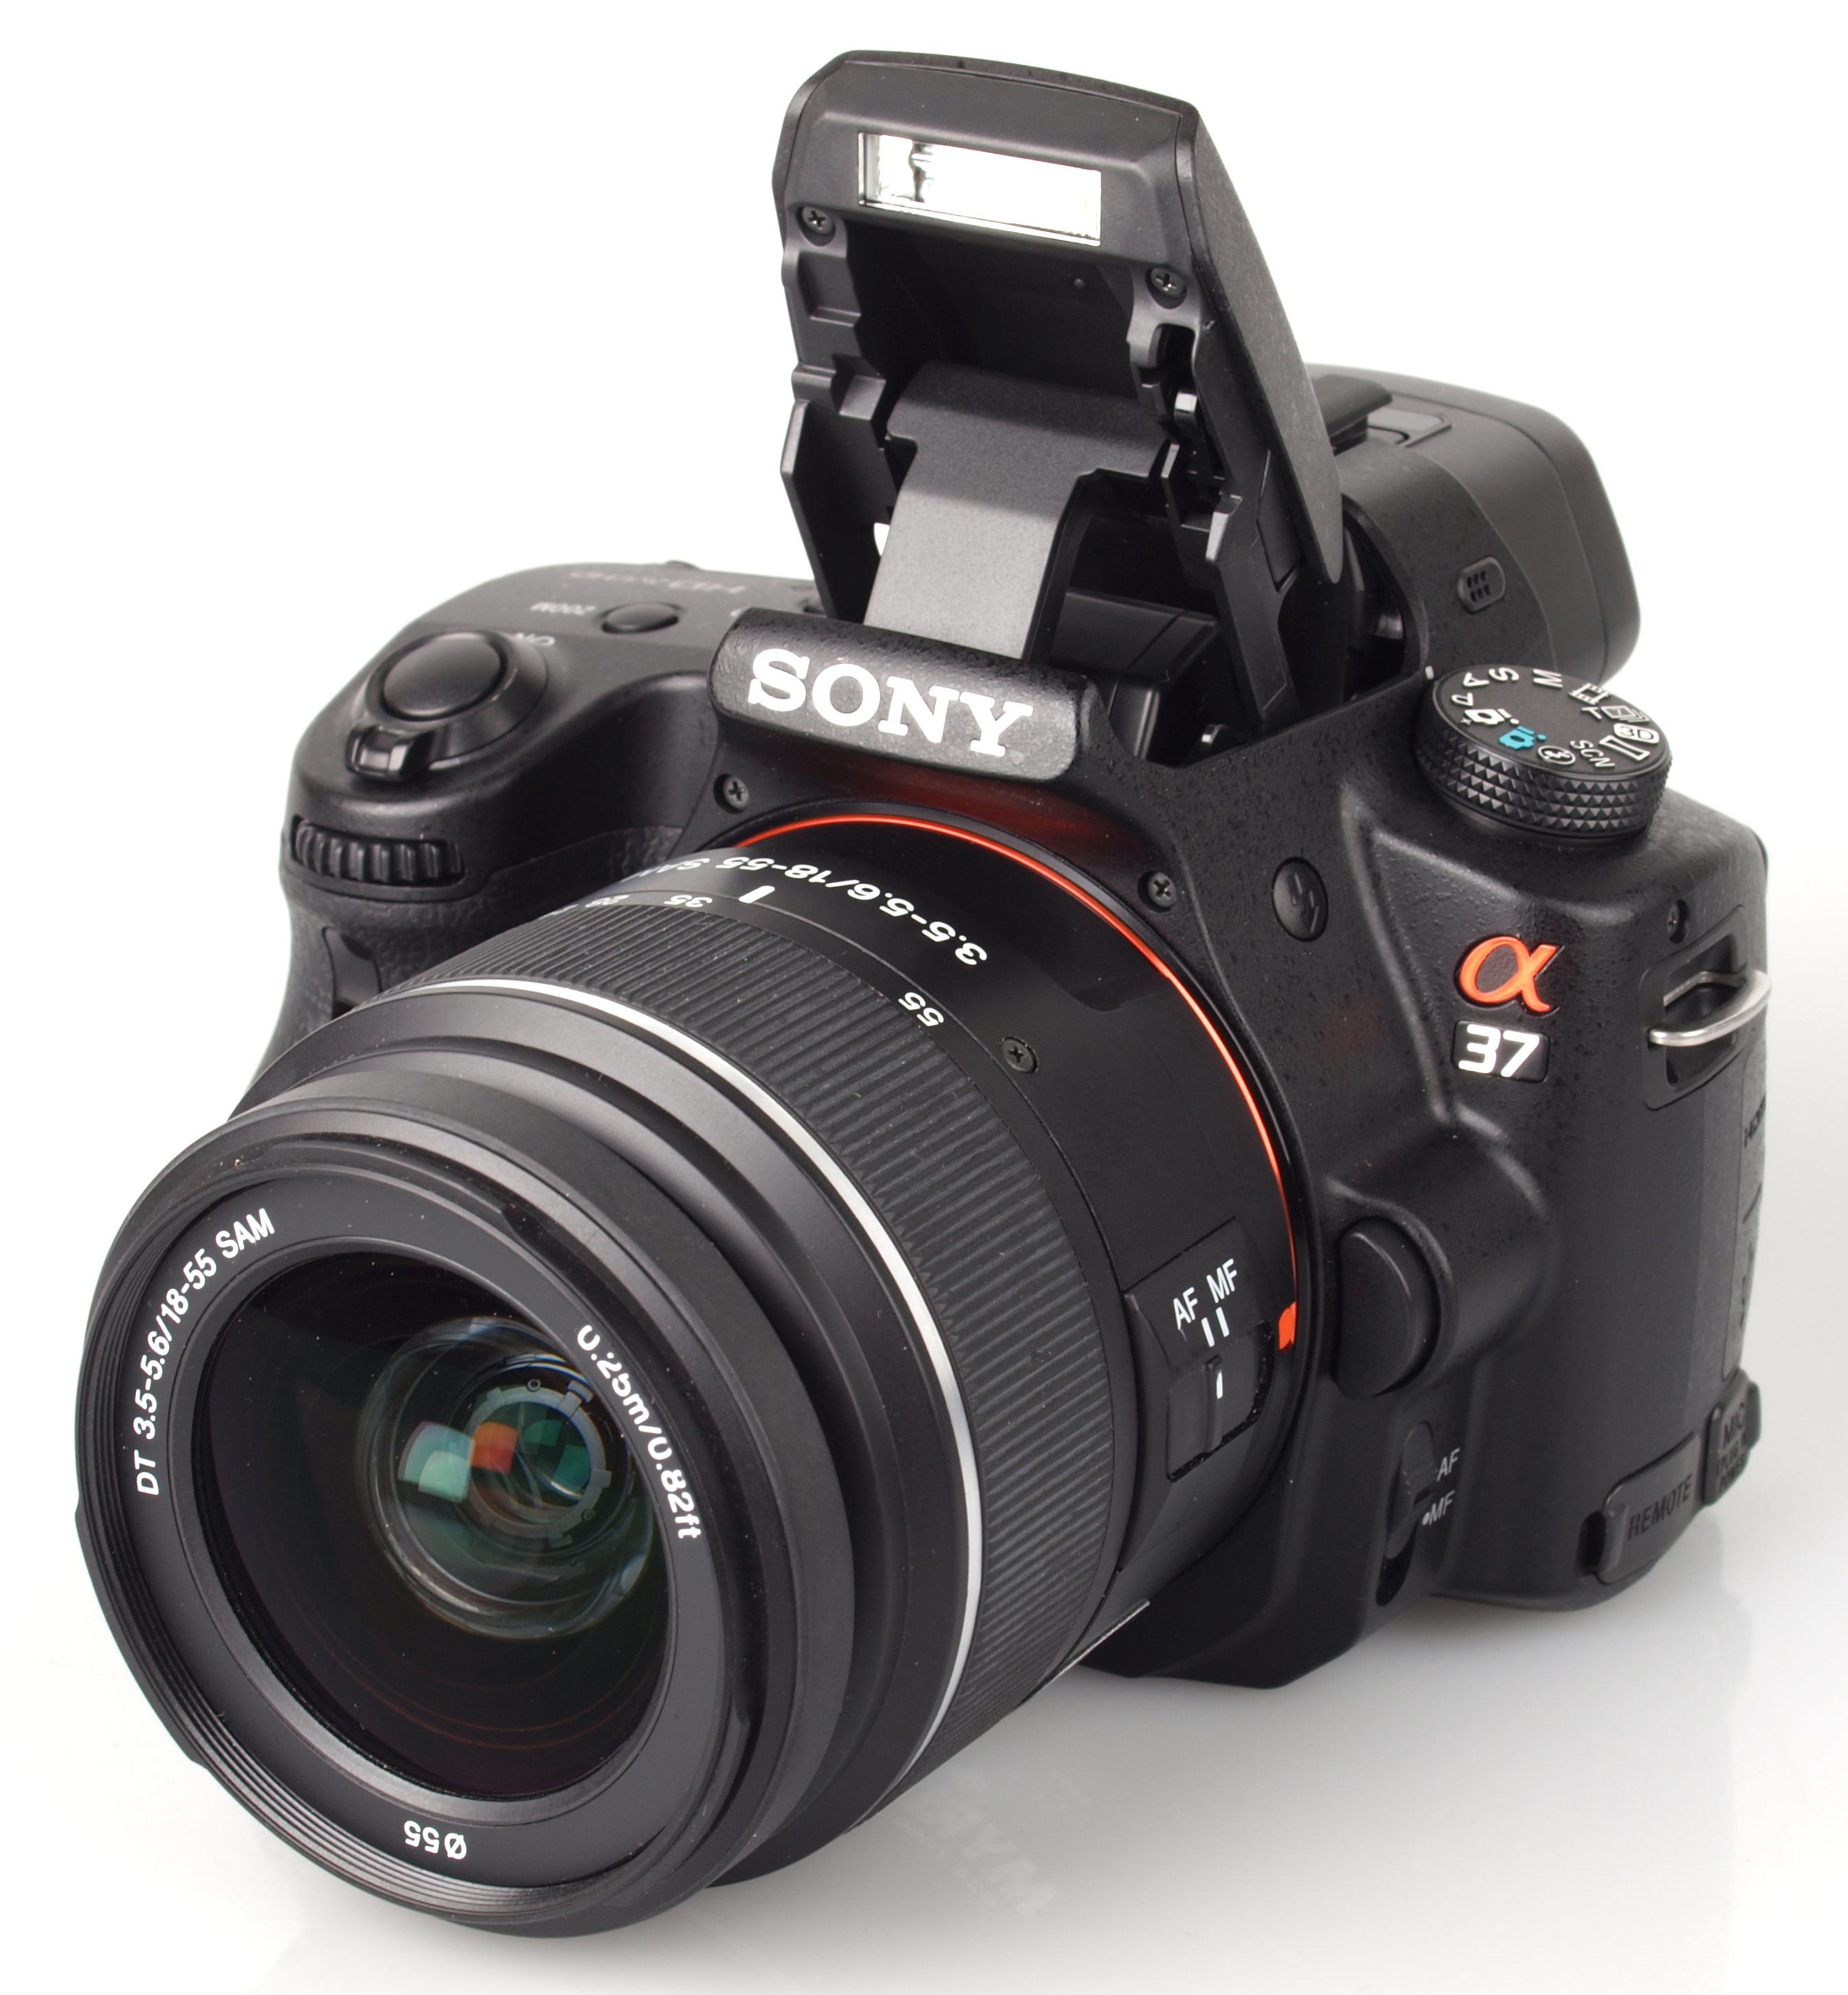 Camera Sony Dslr Cameras Reviews sony alpha a37 dslr slt review body and lens